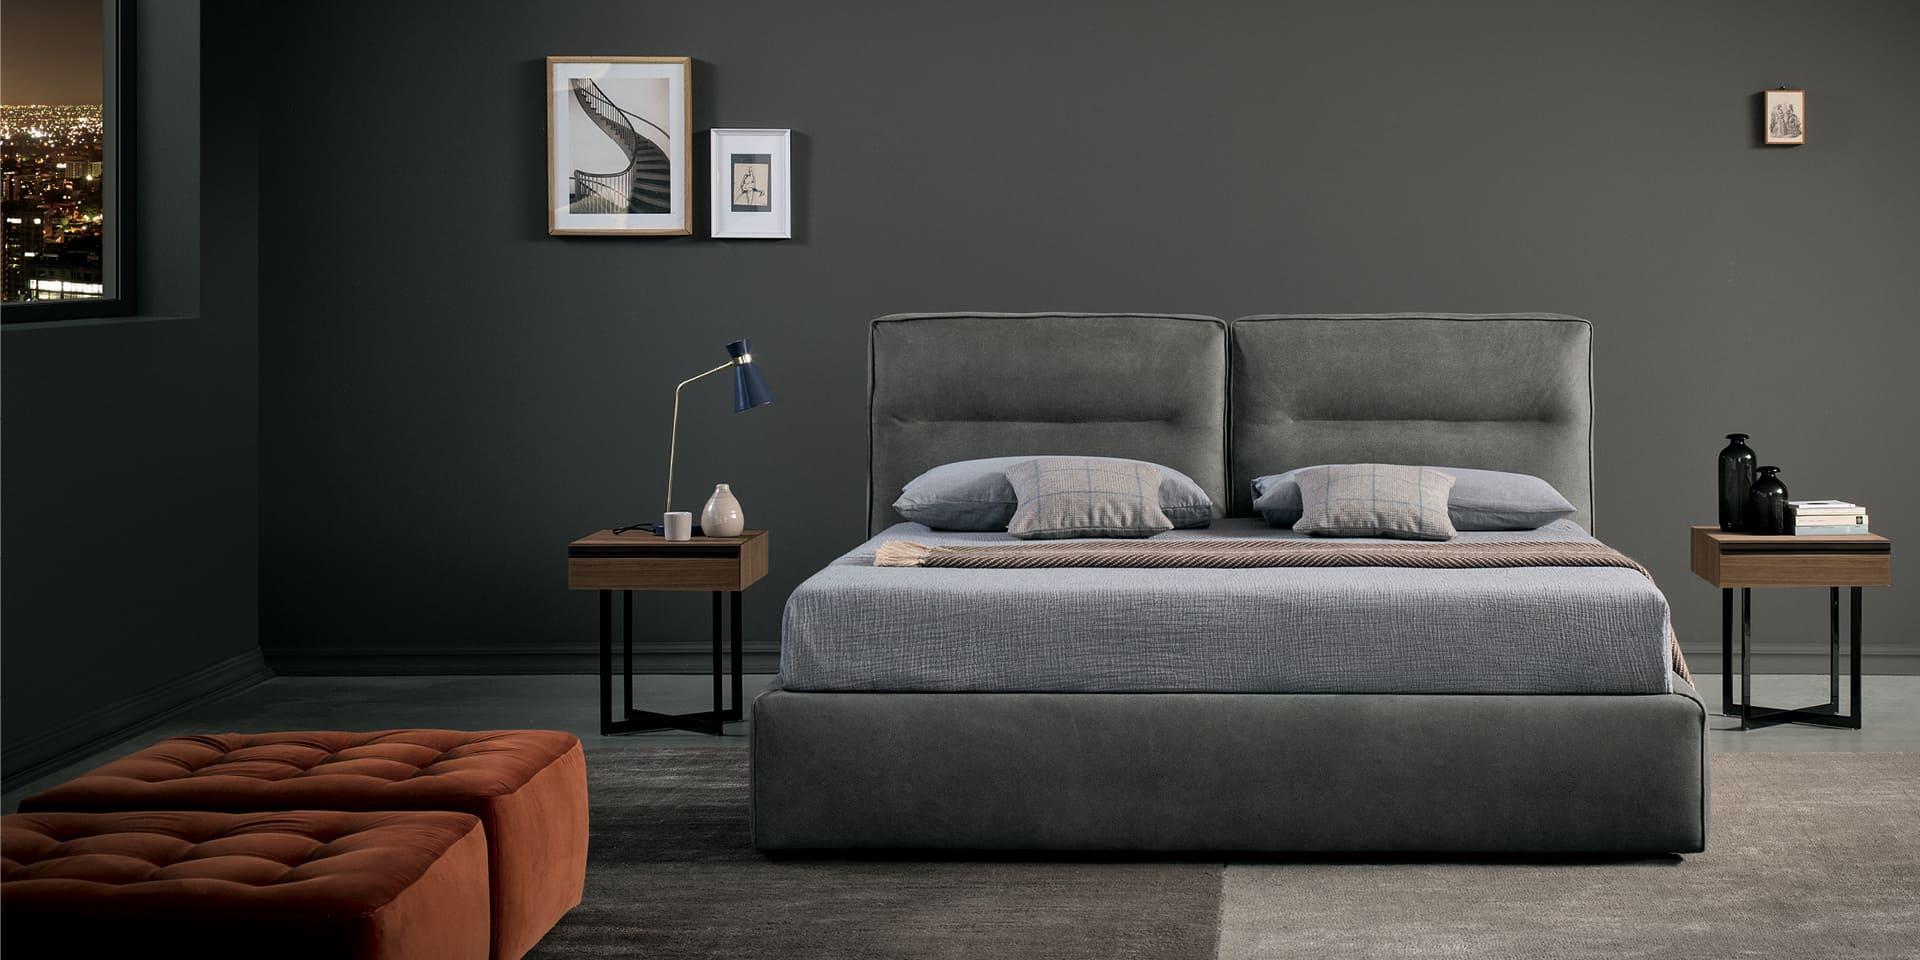 Bodema (RU) Кровать Dallas от итальянского производителя Bodema